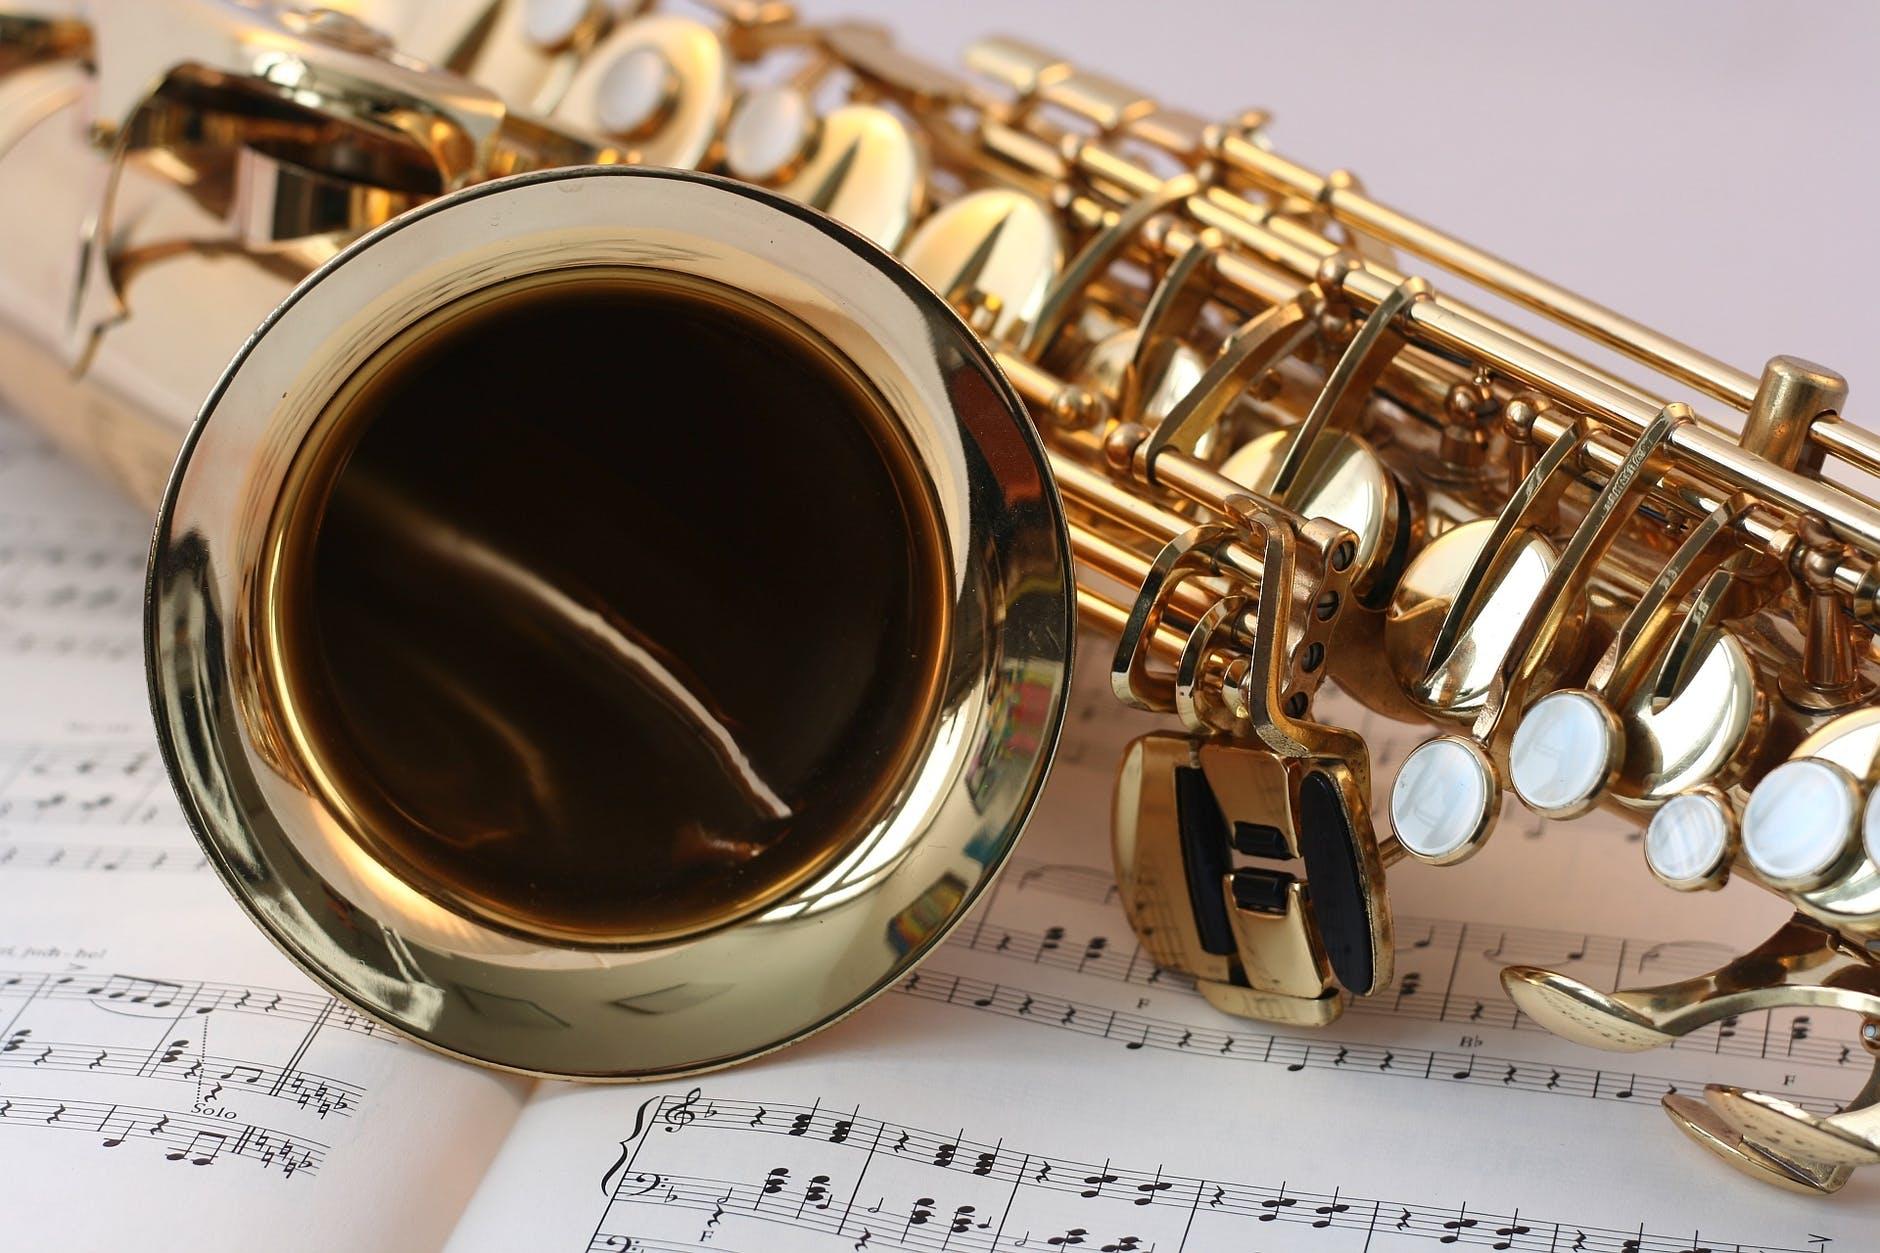 brass classic classical music close up